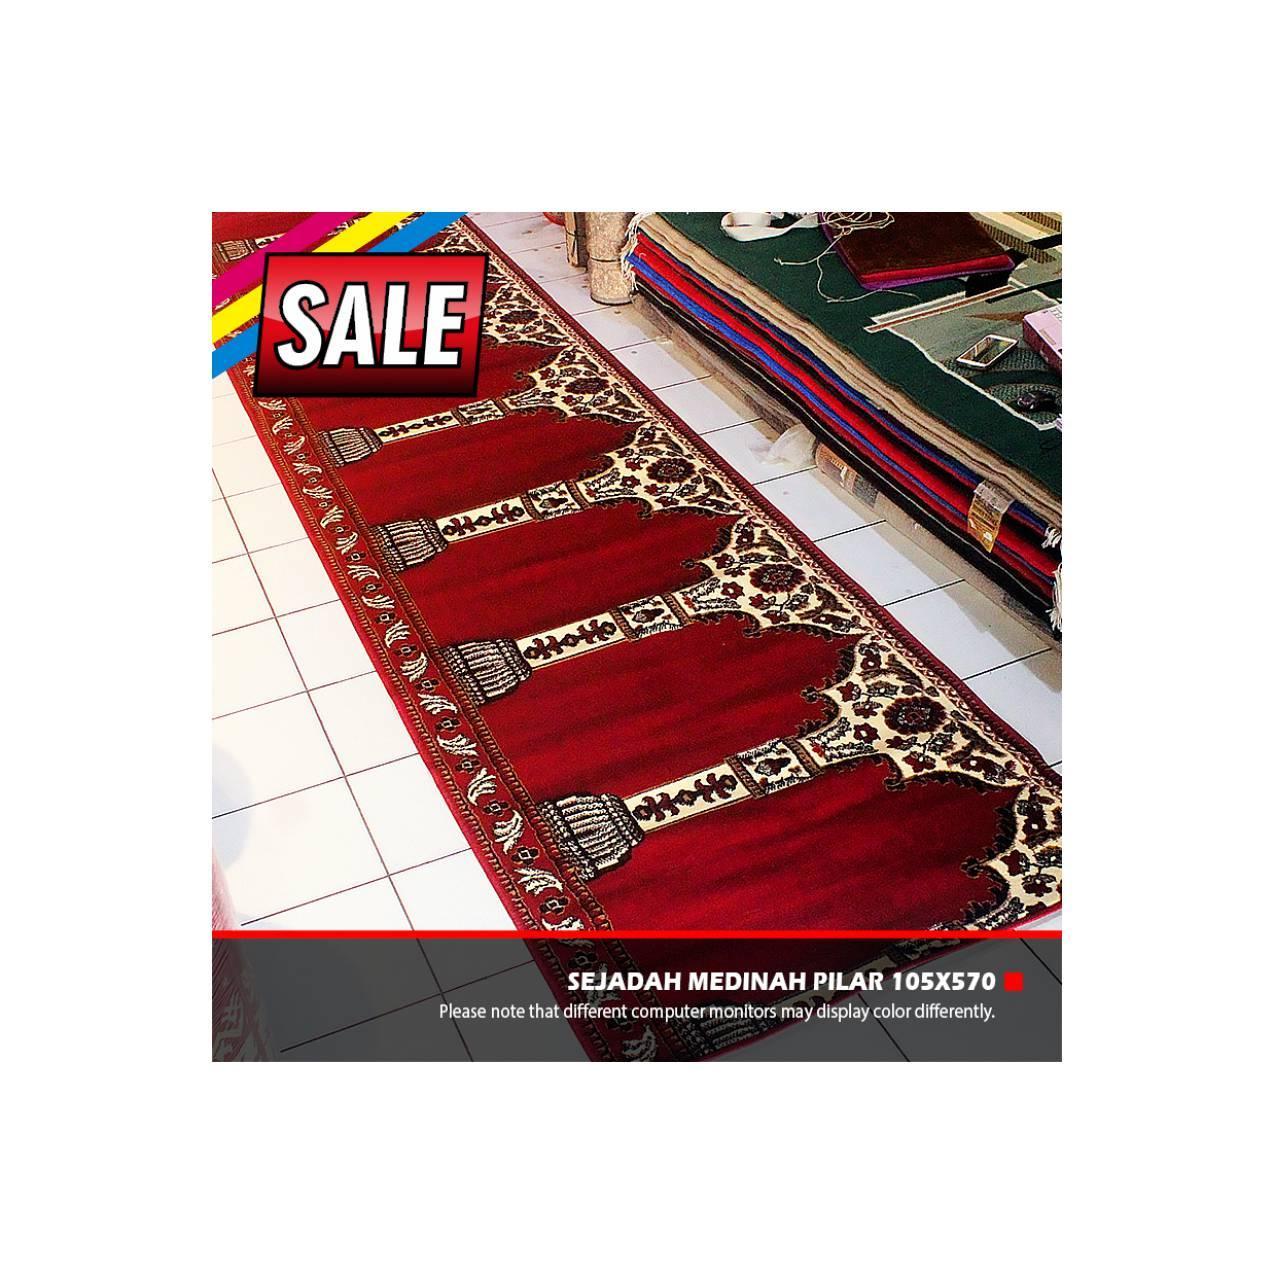 SALE Sajadah Karpet Mesjid Medinah Pilar 105x570cm MURAH BANGET...